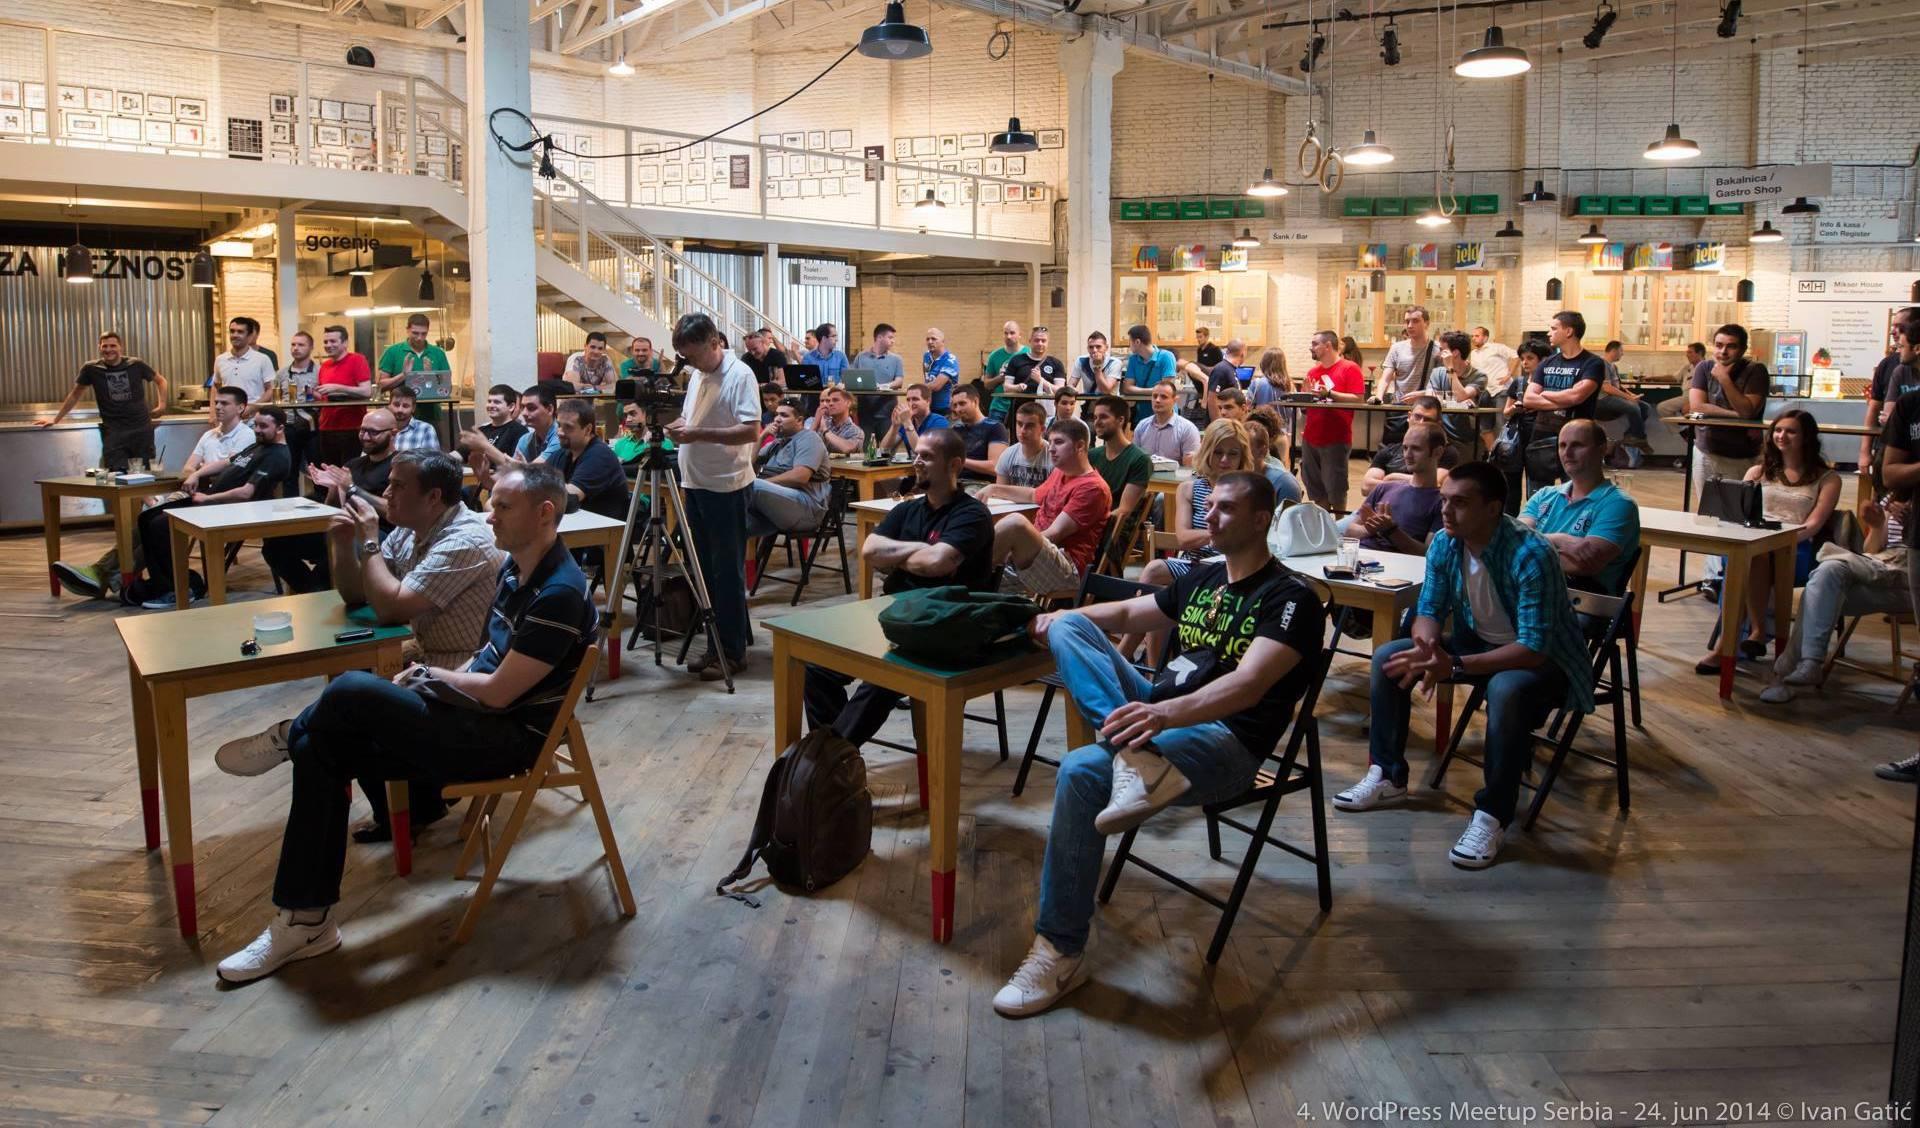 WordPress meetup in Serbia